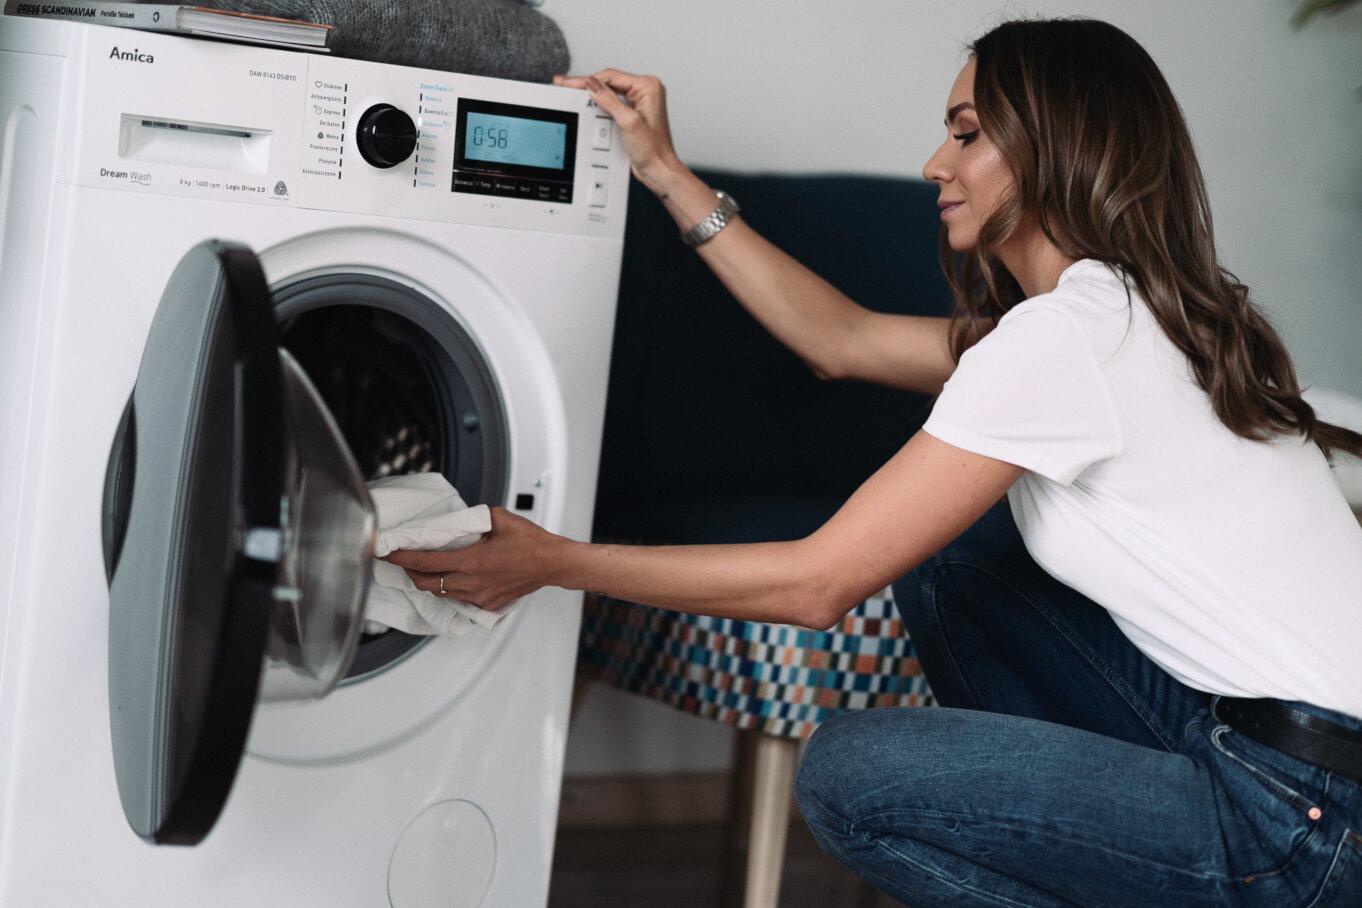 Dream Wash umożliwia dodawanie ubrań w trakcie prania